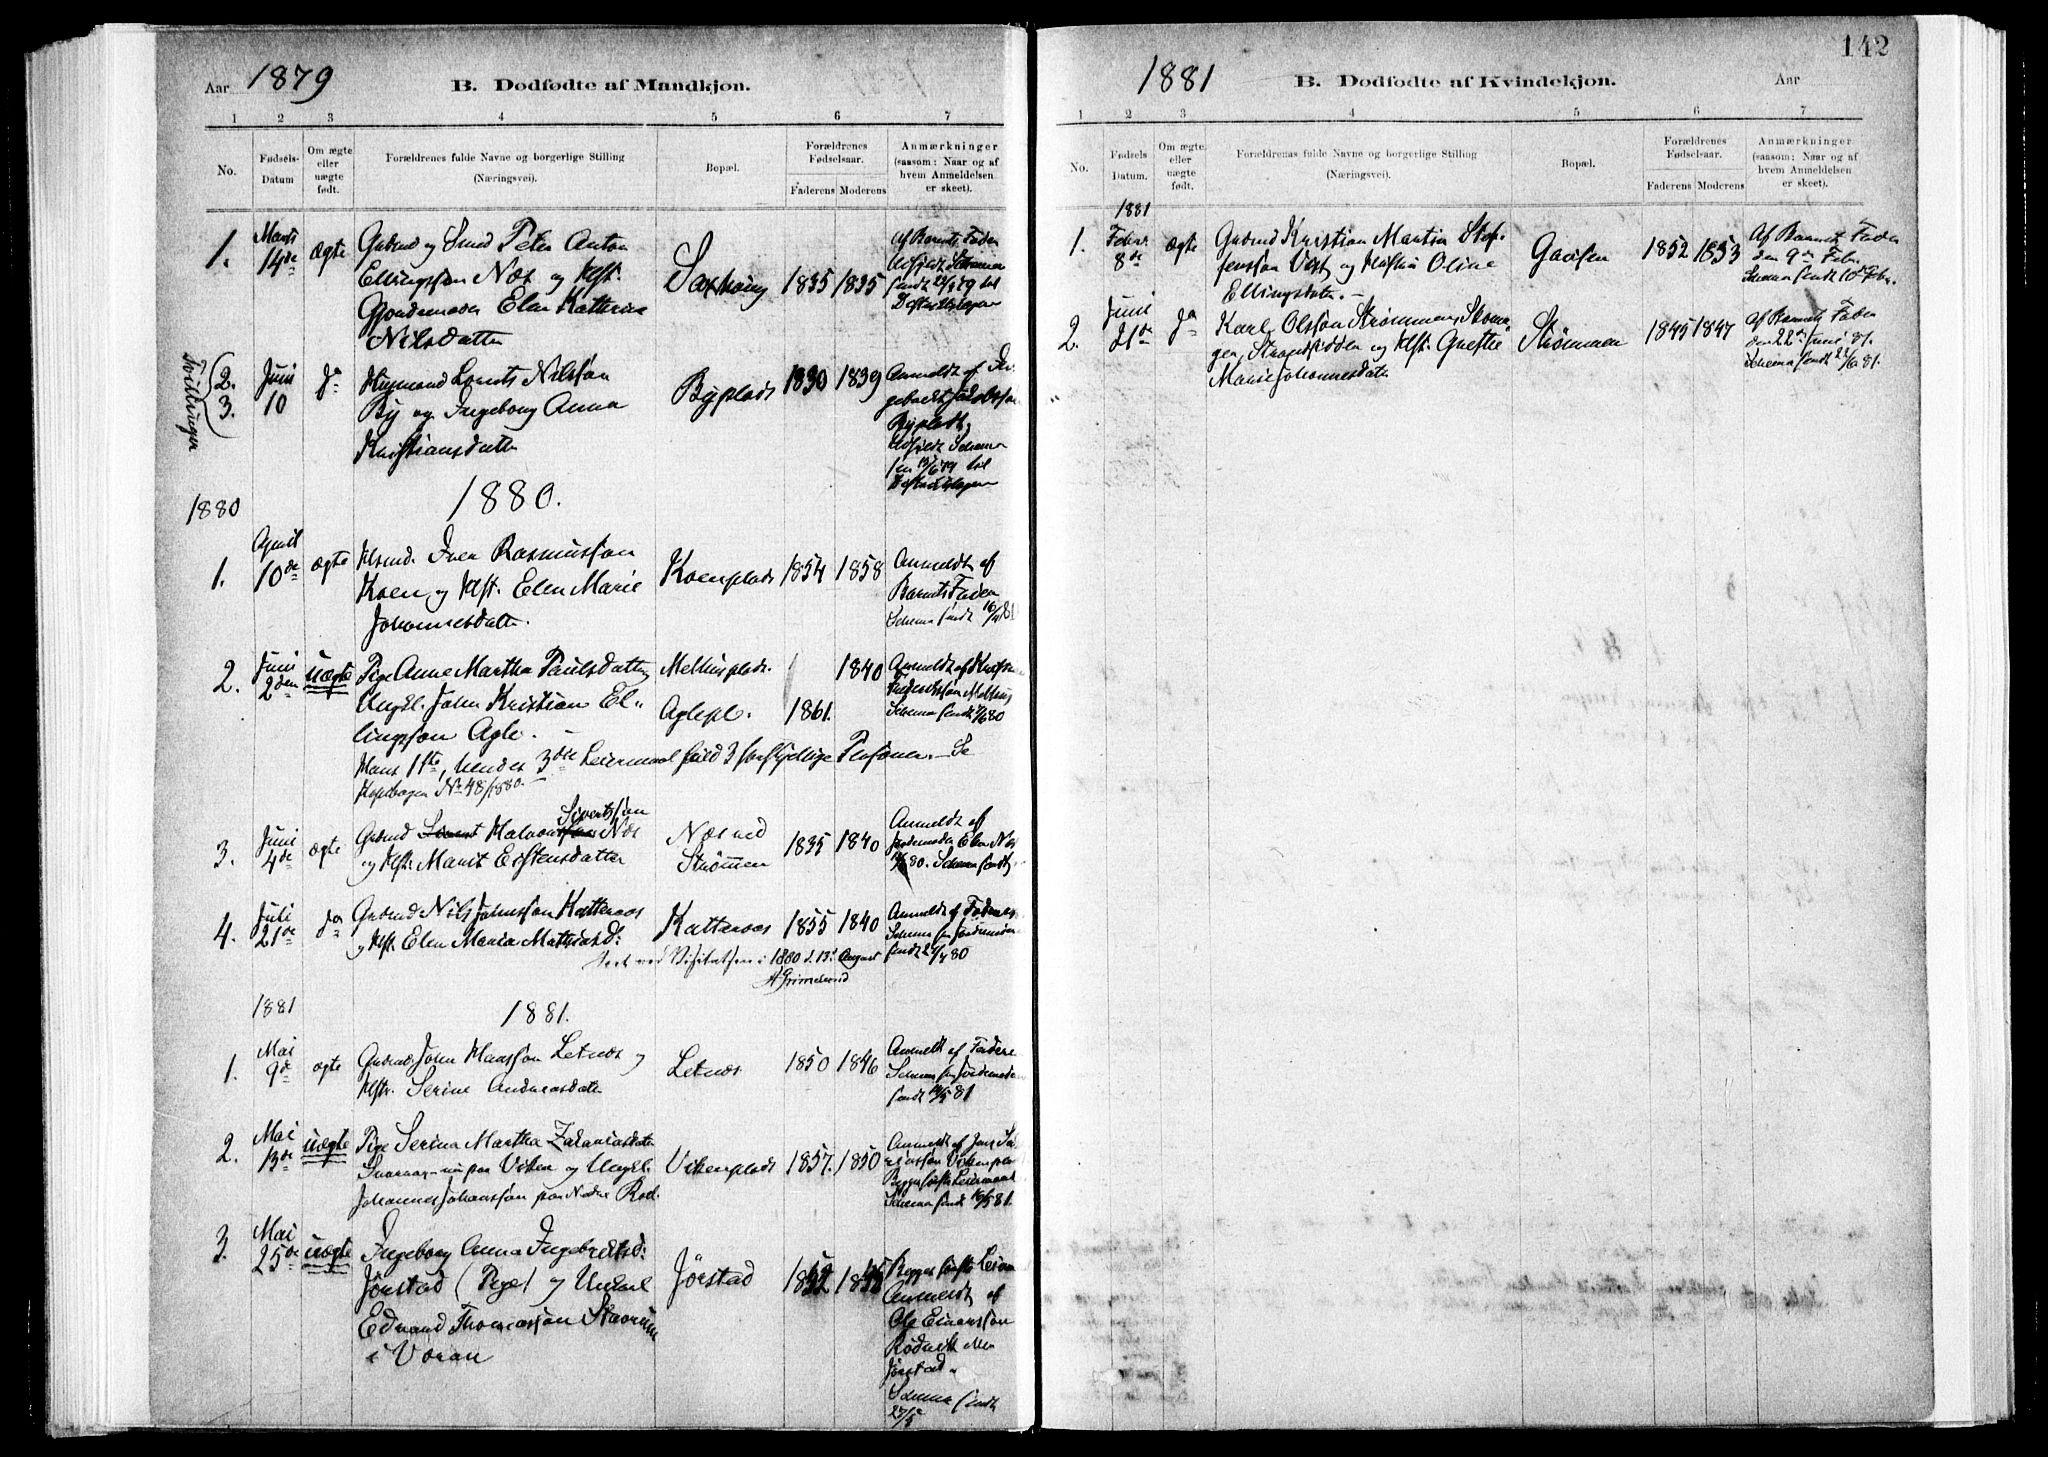 SAT, Ministerialprotokoller, klokkerbøker og fødselsregistre - Nord-Trøndelag, 730/L0285: Ministerialbok nr. 730A10, 1879-1914, s. 142